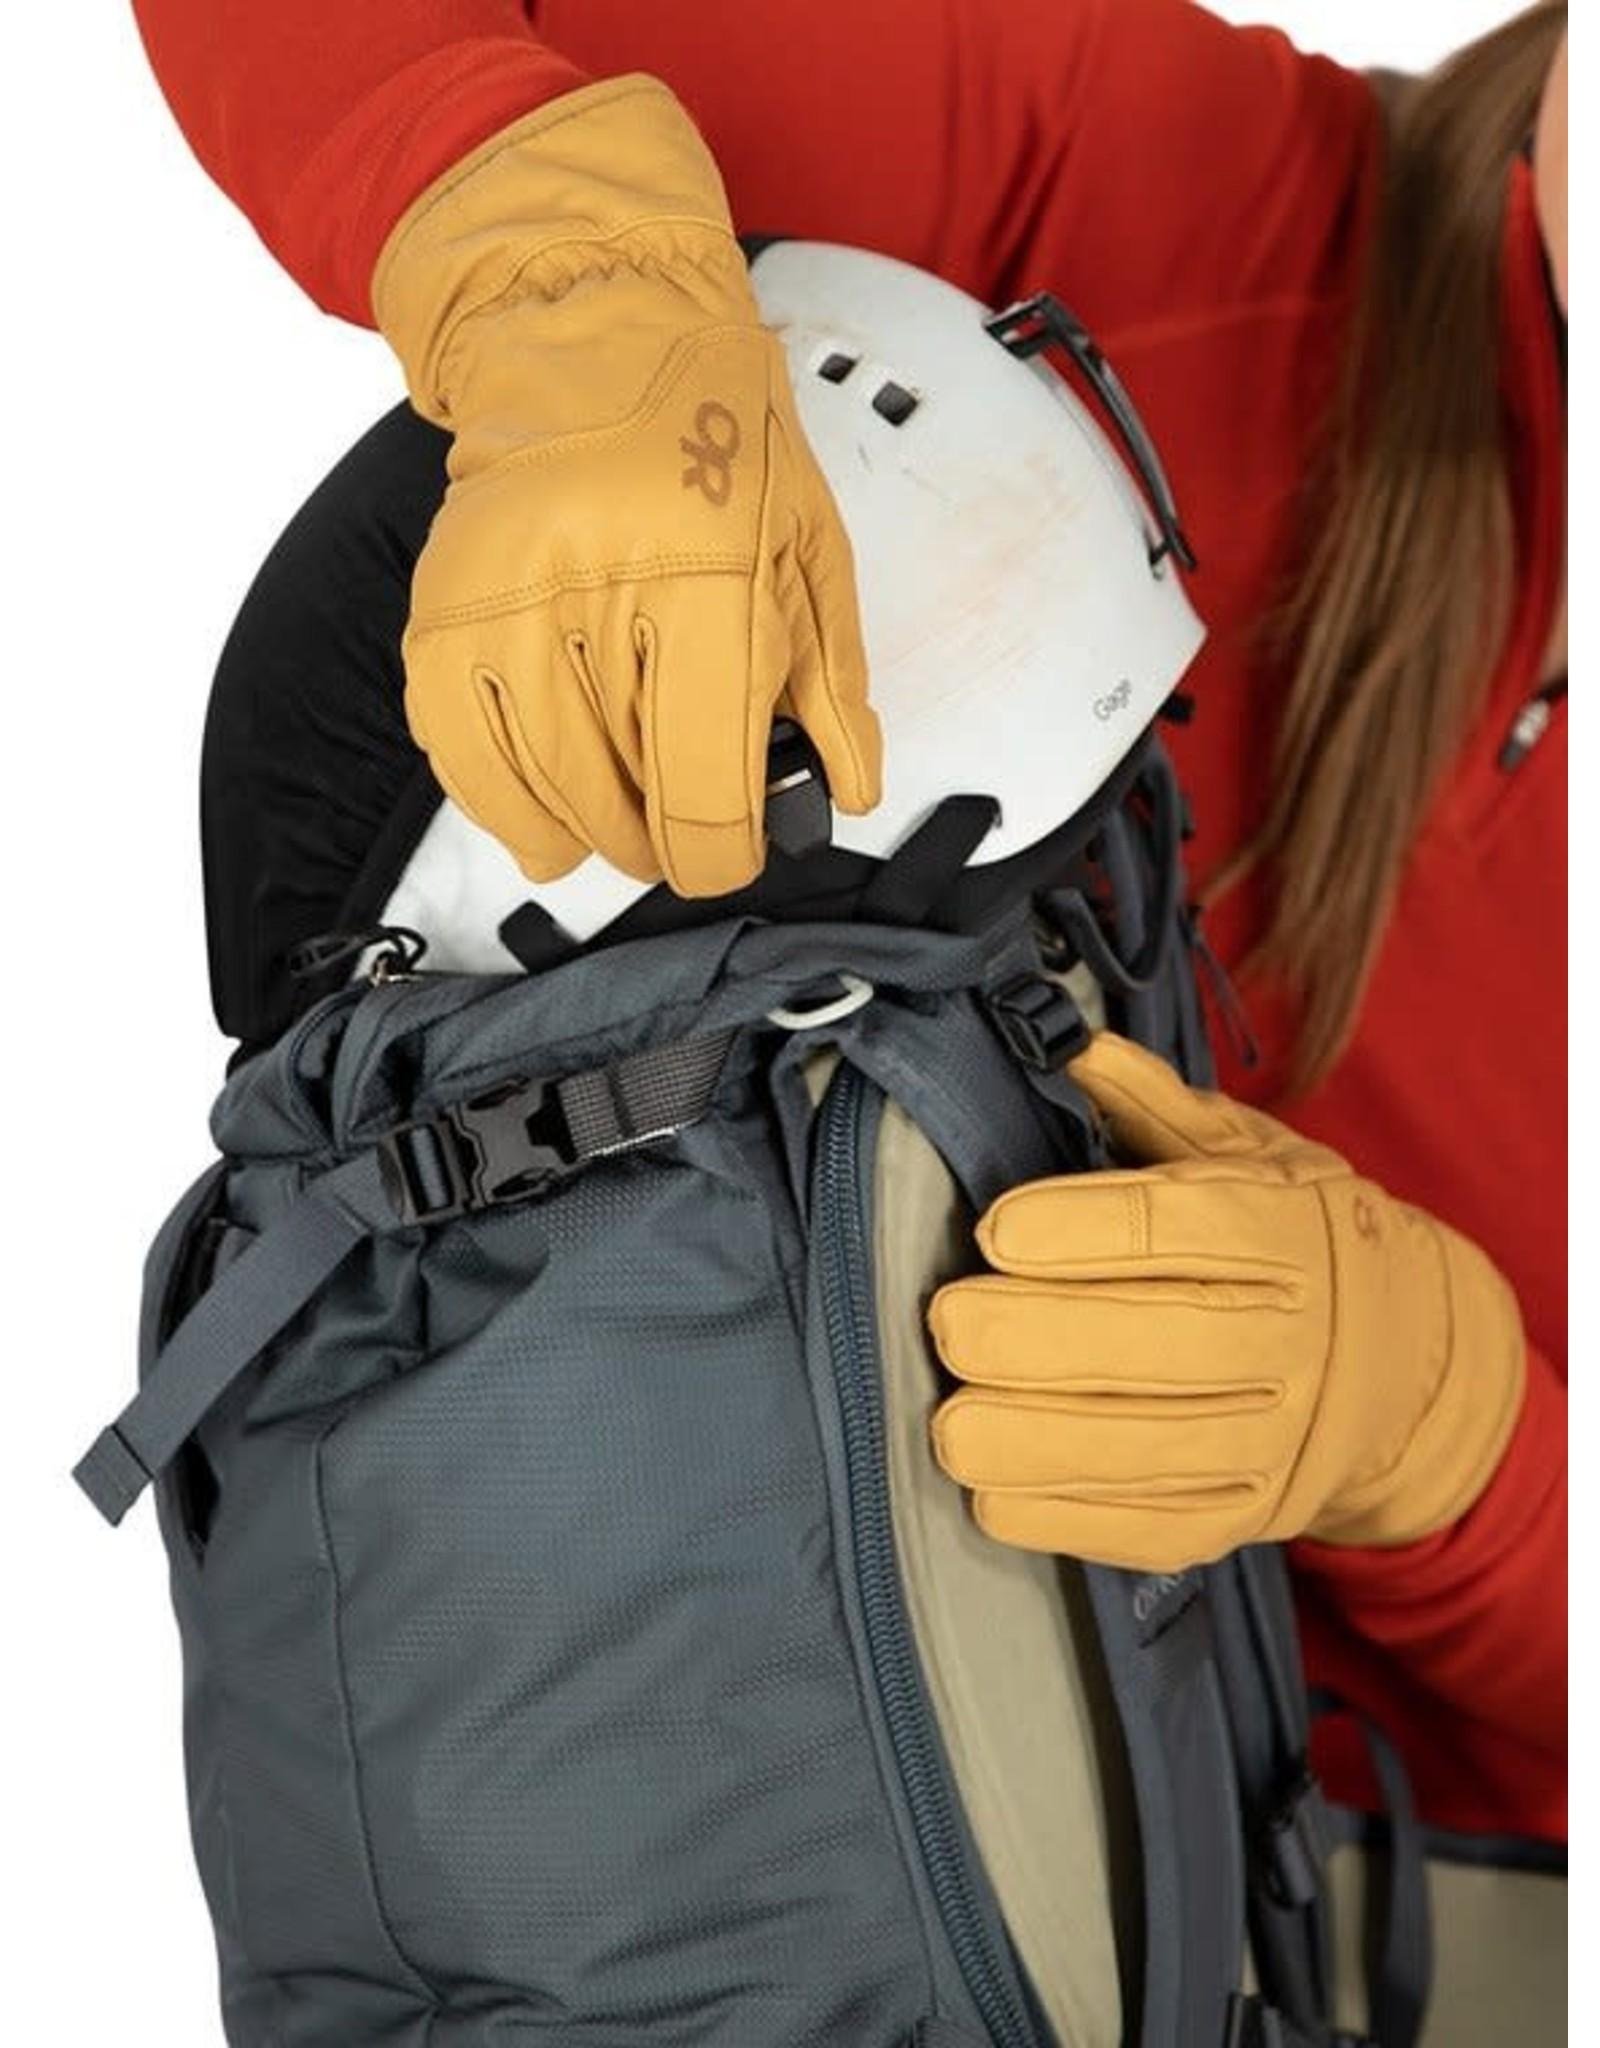 Osprey Osprey Sopris 20 Ski Pack - Women